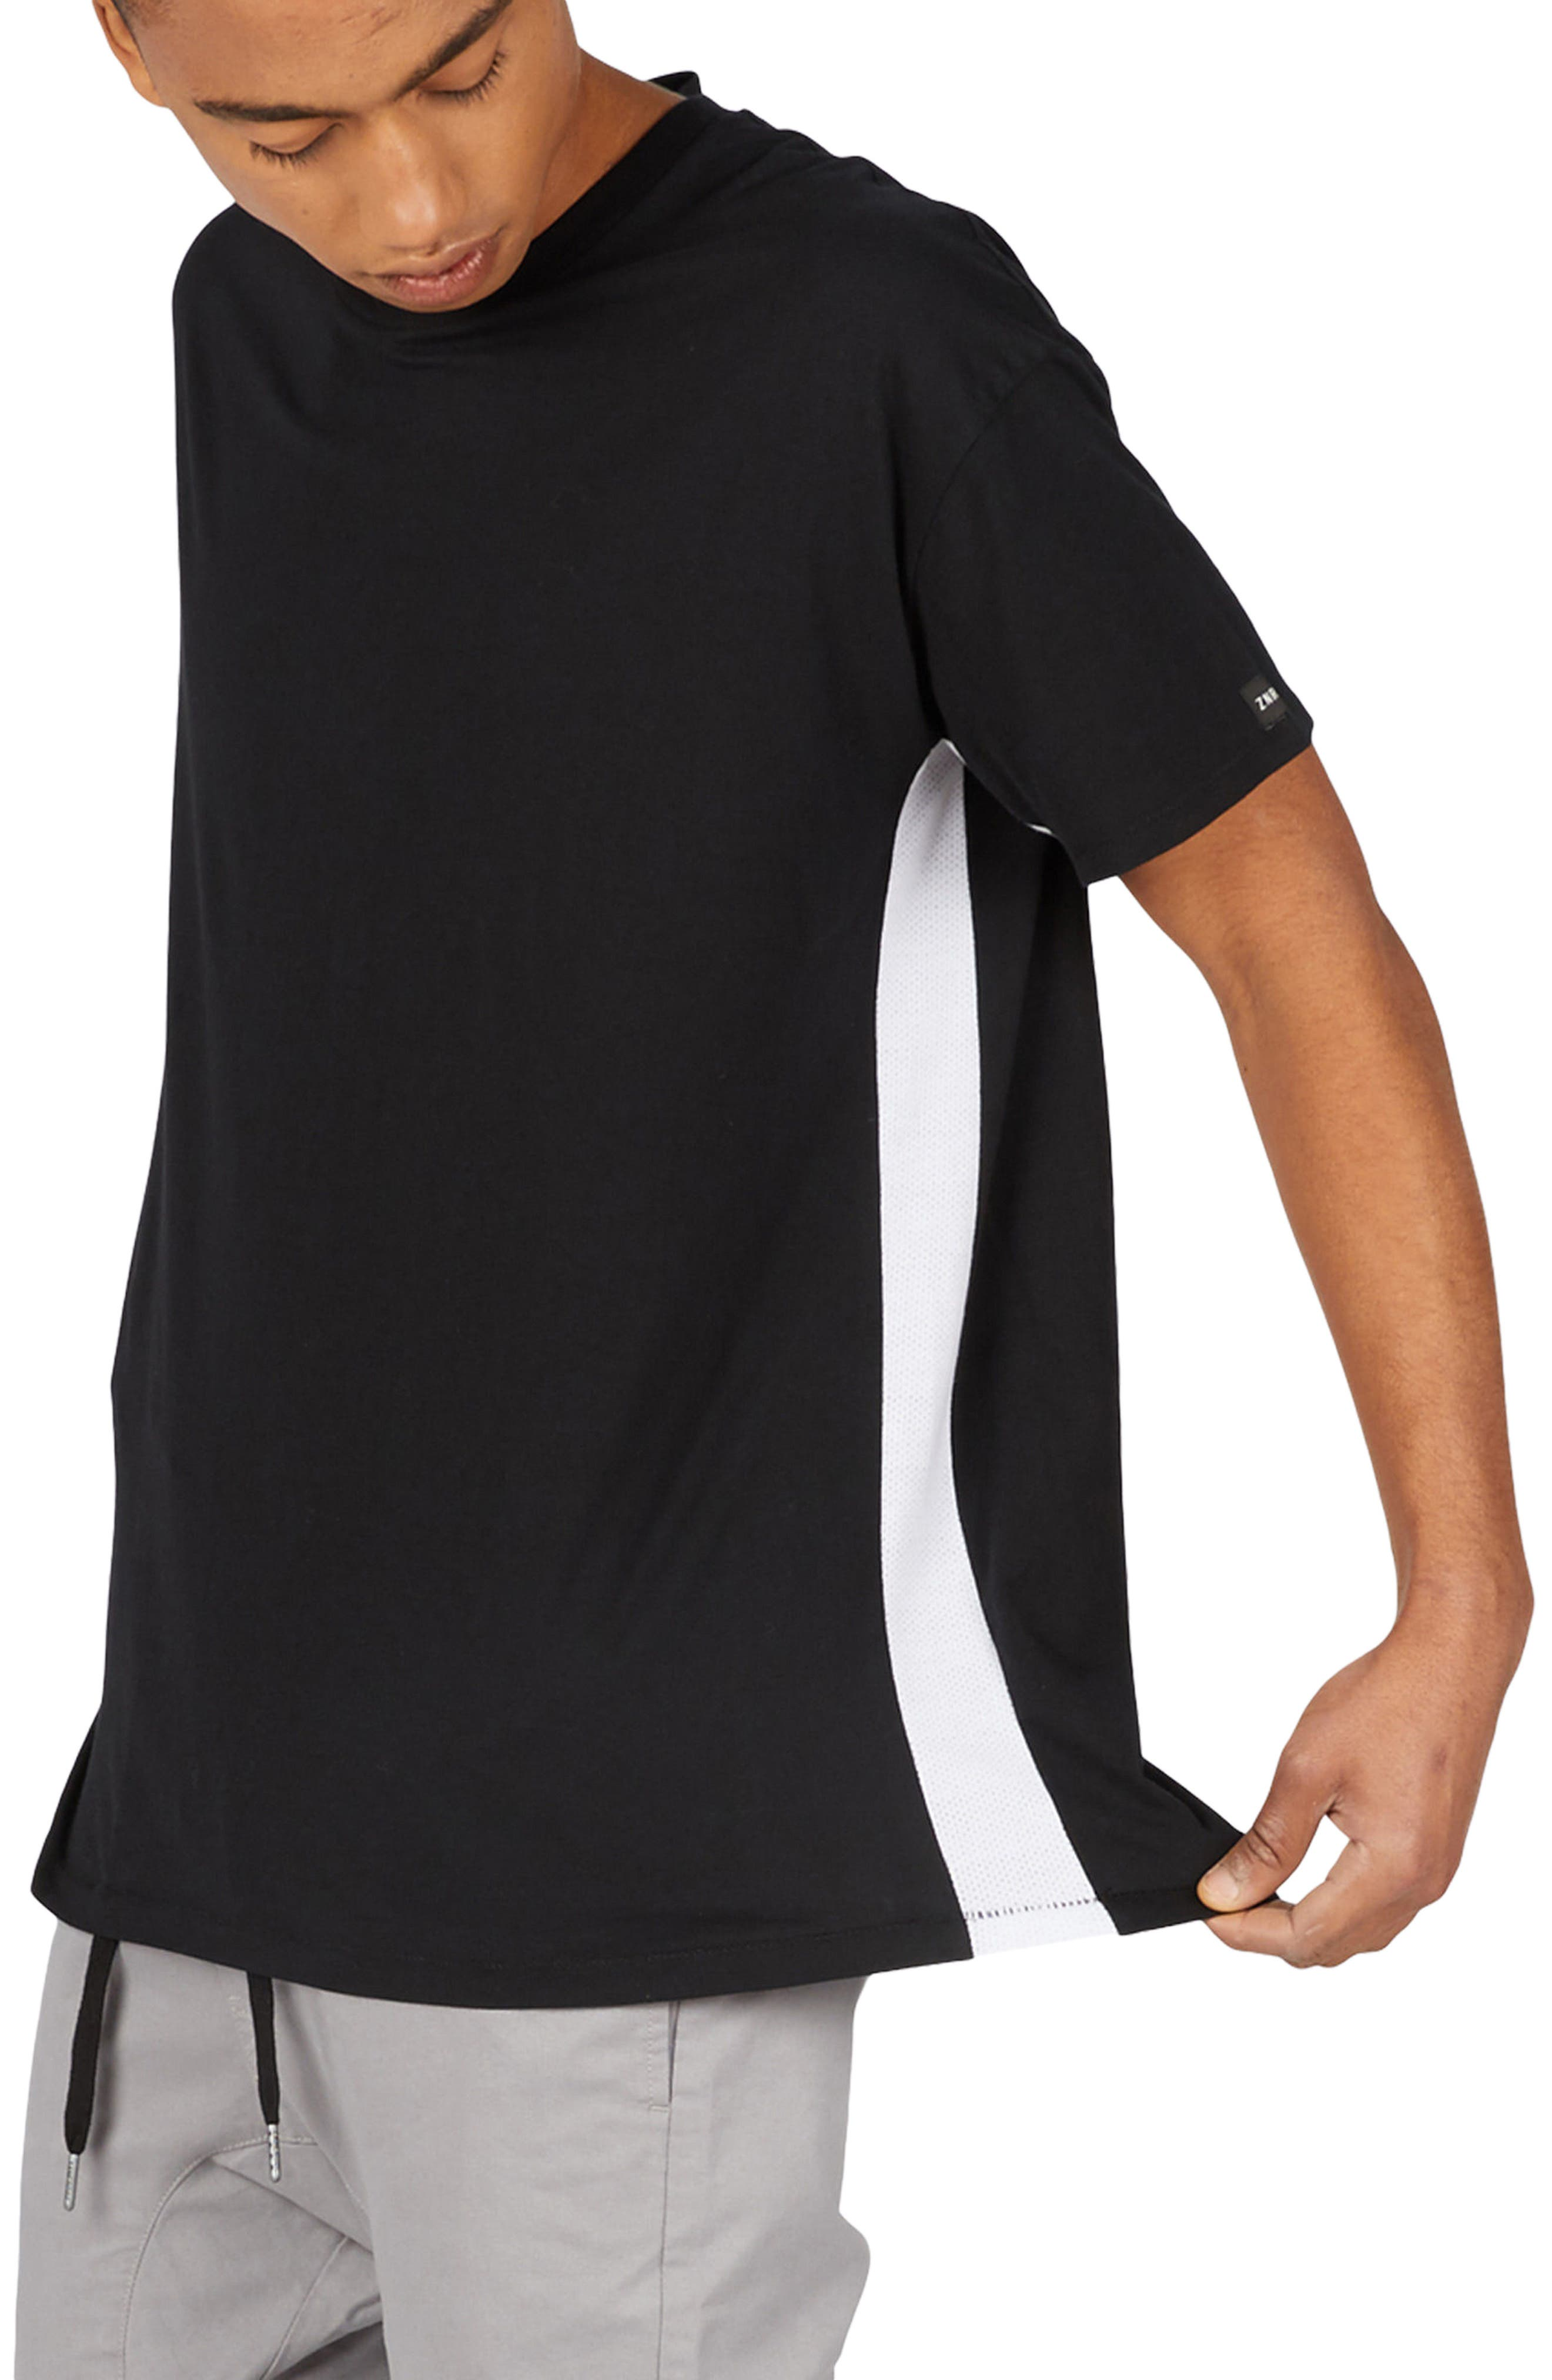 Sideline Rugger T-Shirt,                             Alternate thumbnail 3, color,                             Black